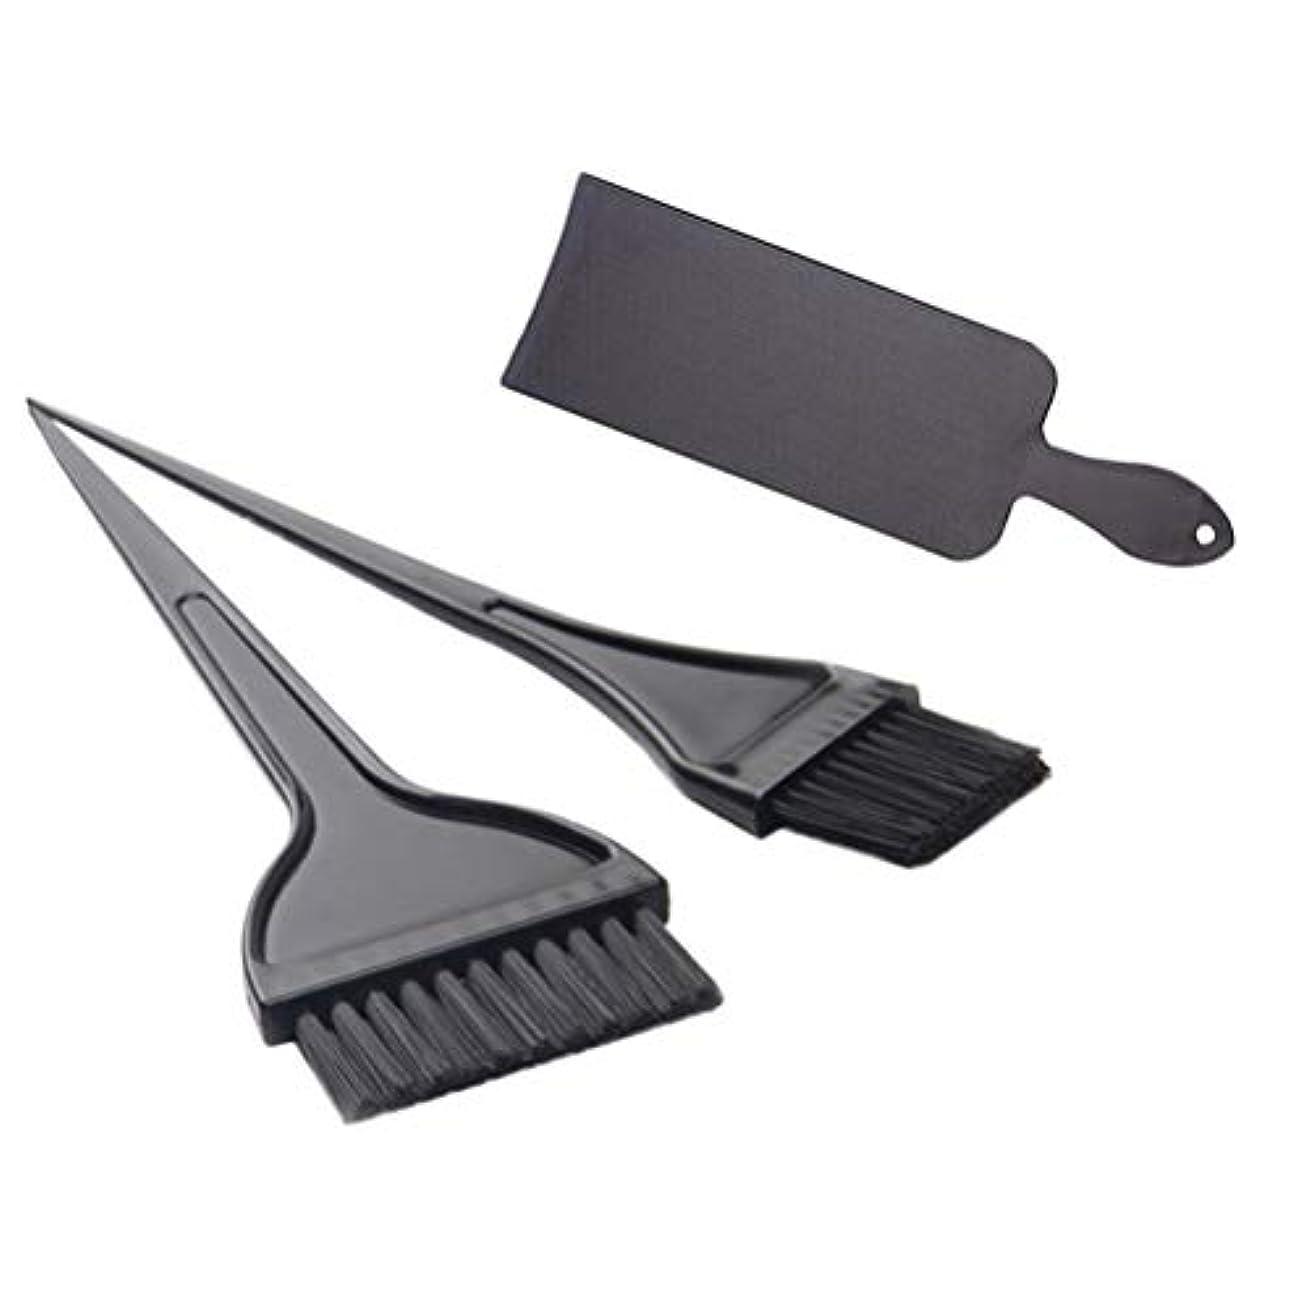 スーツケース騒ポルティコHealiftyヘア染色ブラシプレートプロフェッショナルカラーリングアプリケータツールキットヘアブリーチティンティングブラシツール3ピース